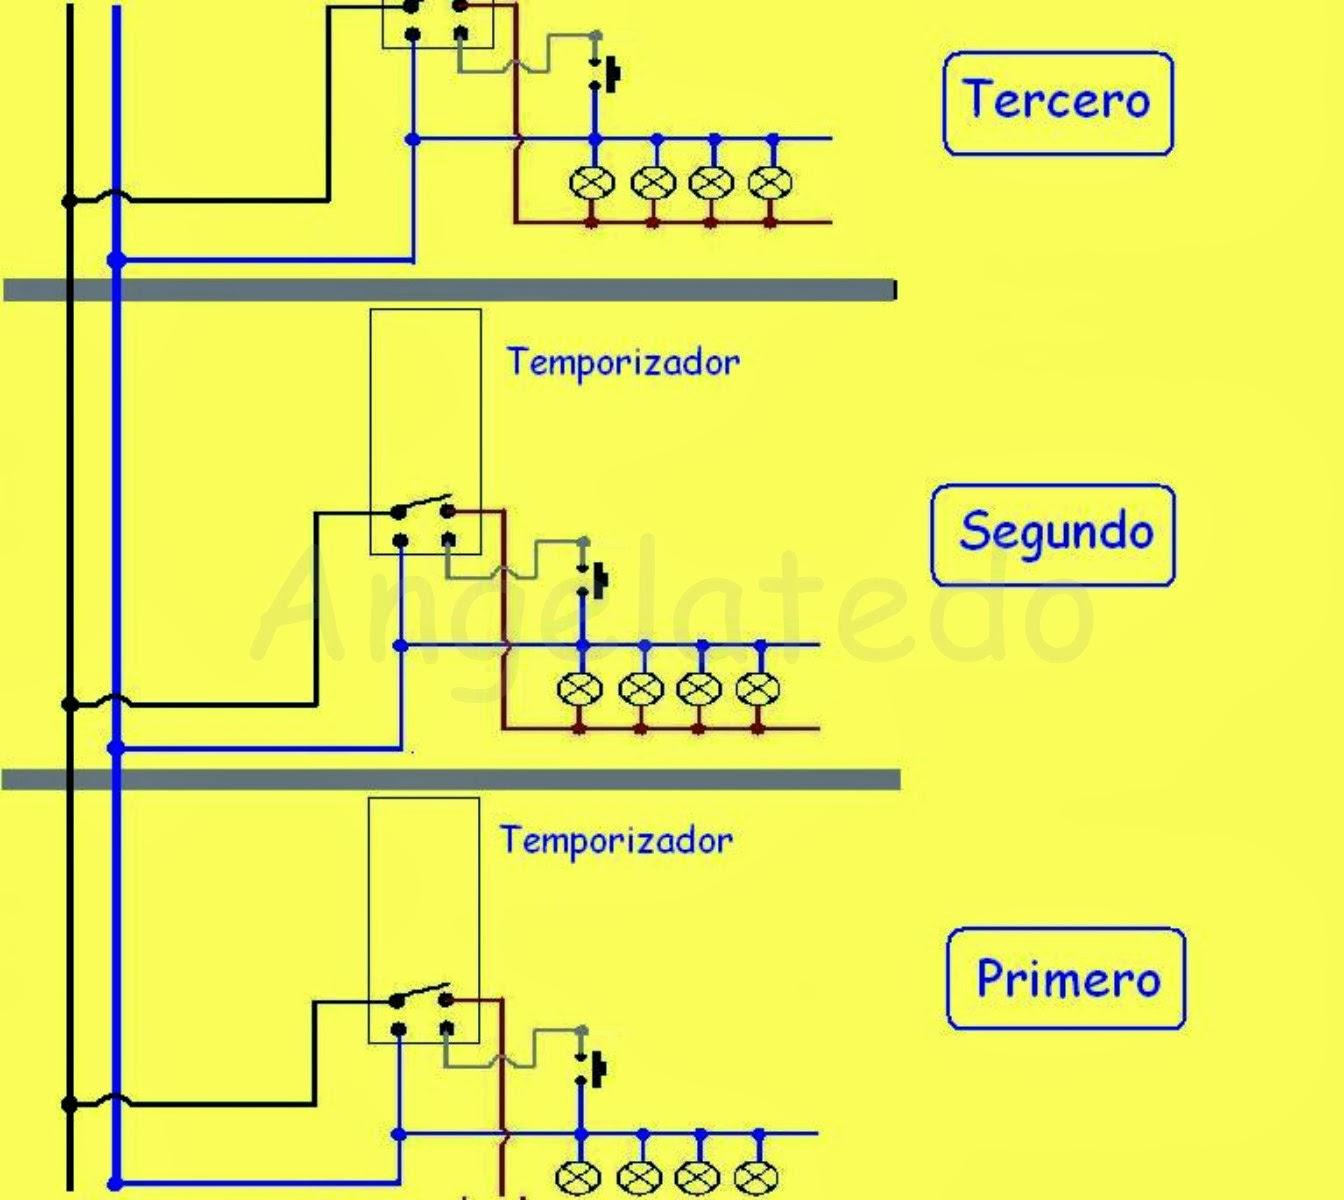 Minuteros autom ticos de escalera esquemas de conexi n - Como conectar un sensor de movimiento de tres cables ...